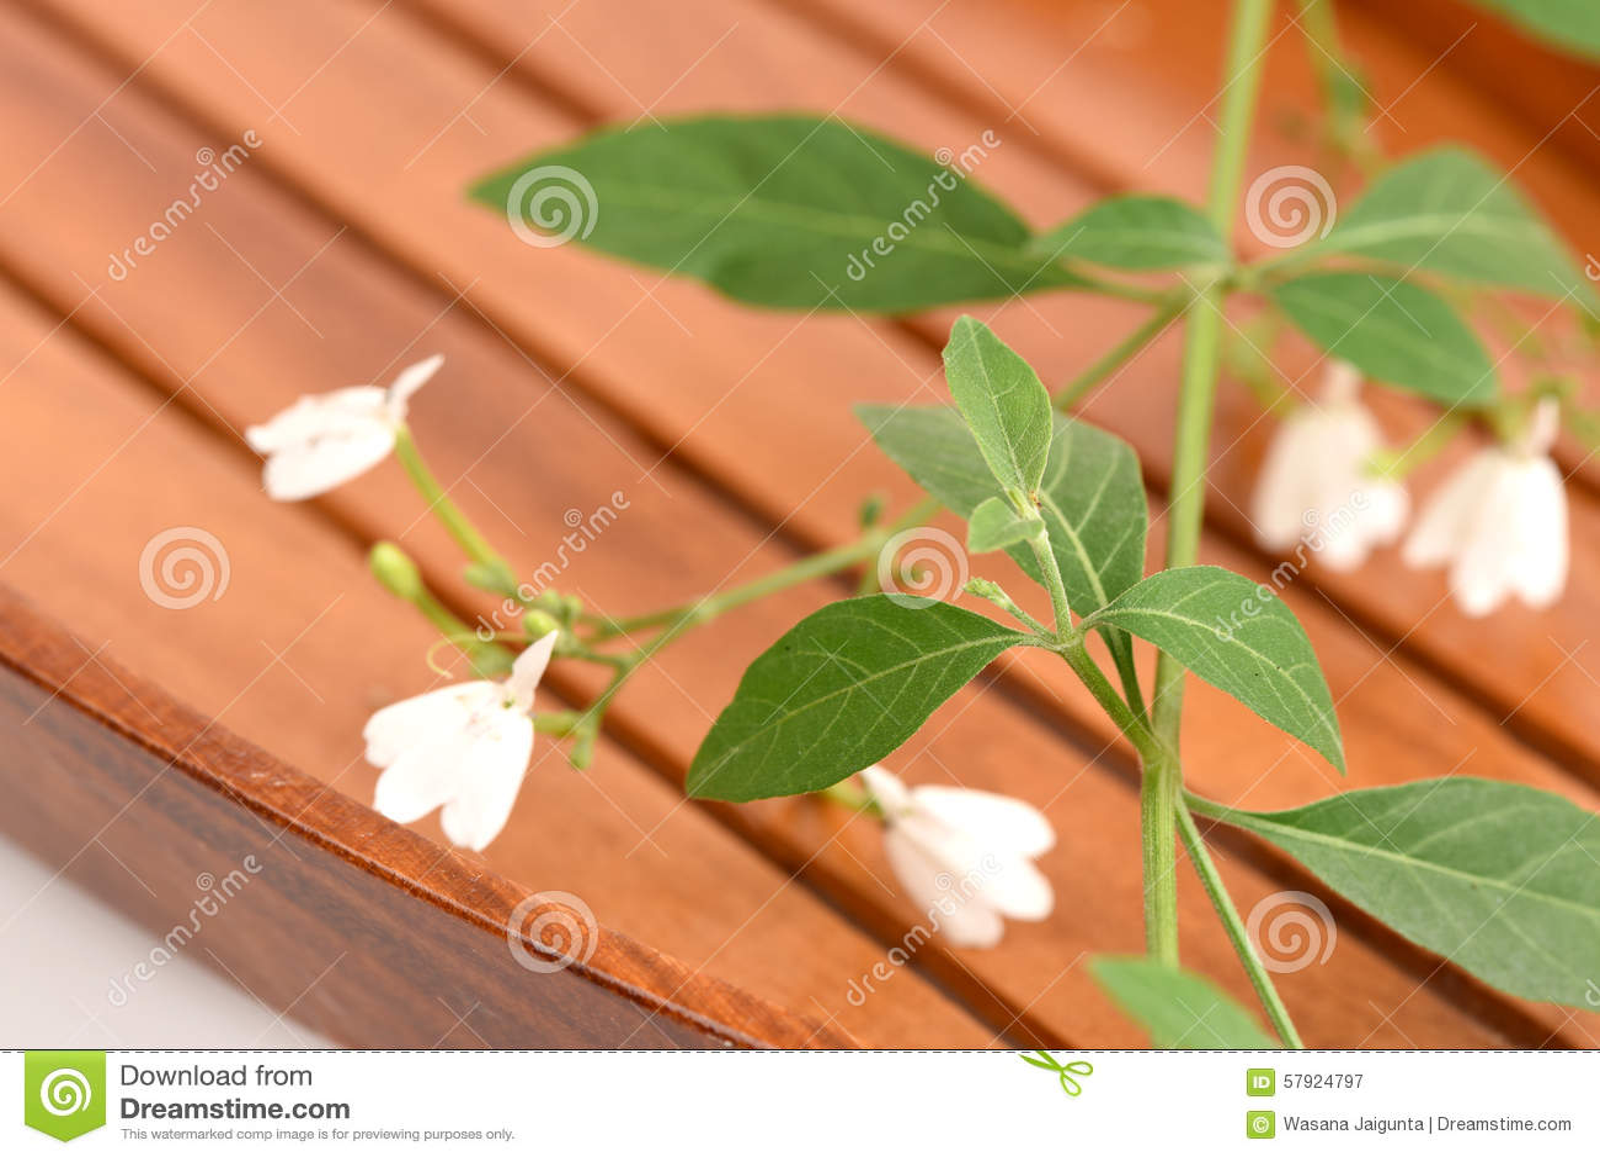 White Crane Flower Rhinacanthus Nasutus L Kurz Stock Image